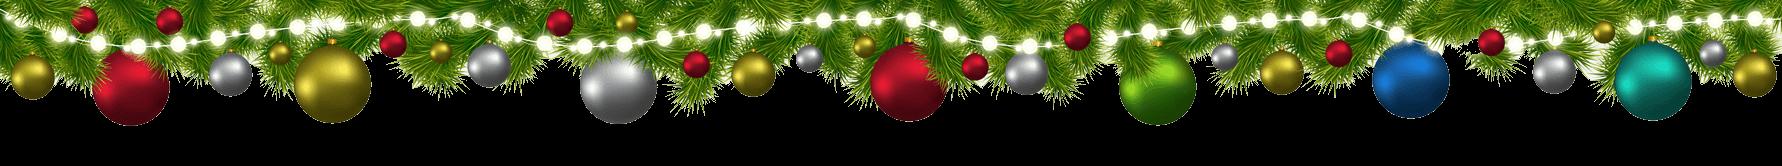 christmas-garland